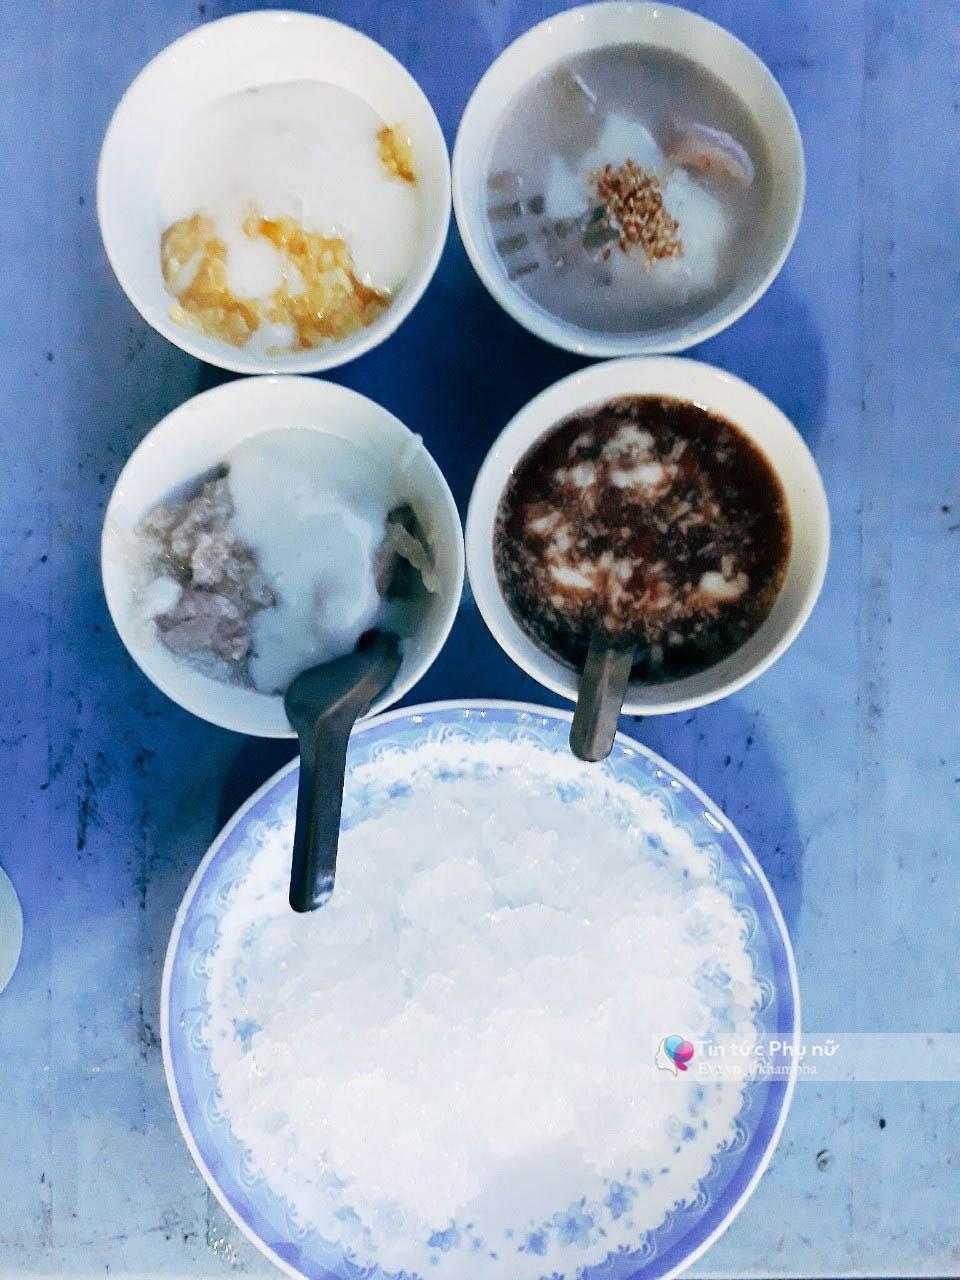 Lạc lối trong 3 con hẻm ăn vặt ngon-bổ-rẻ không thể bỏ lỡ khi du lịch Sài Gòn-8